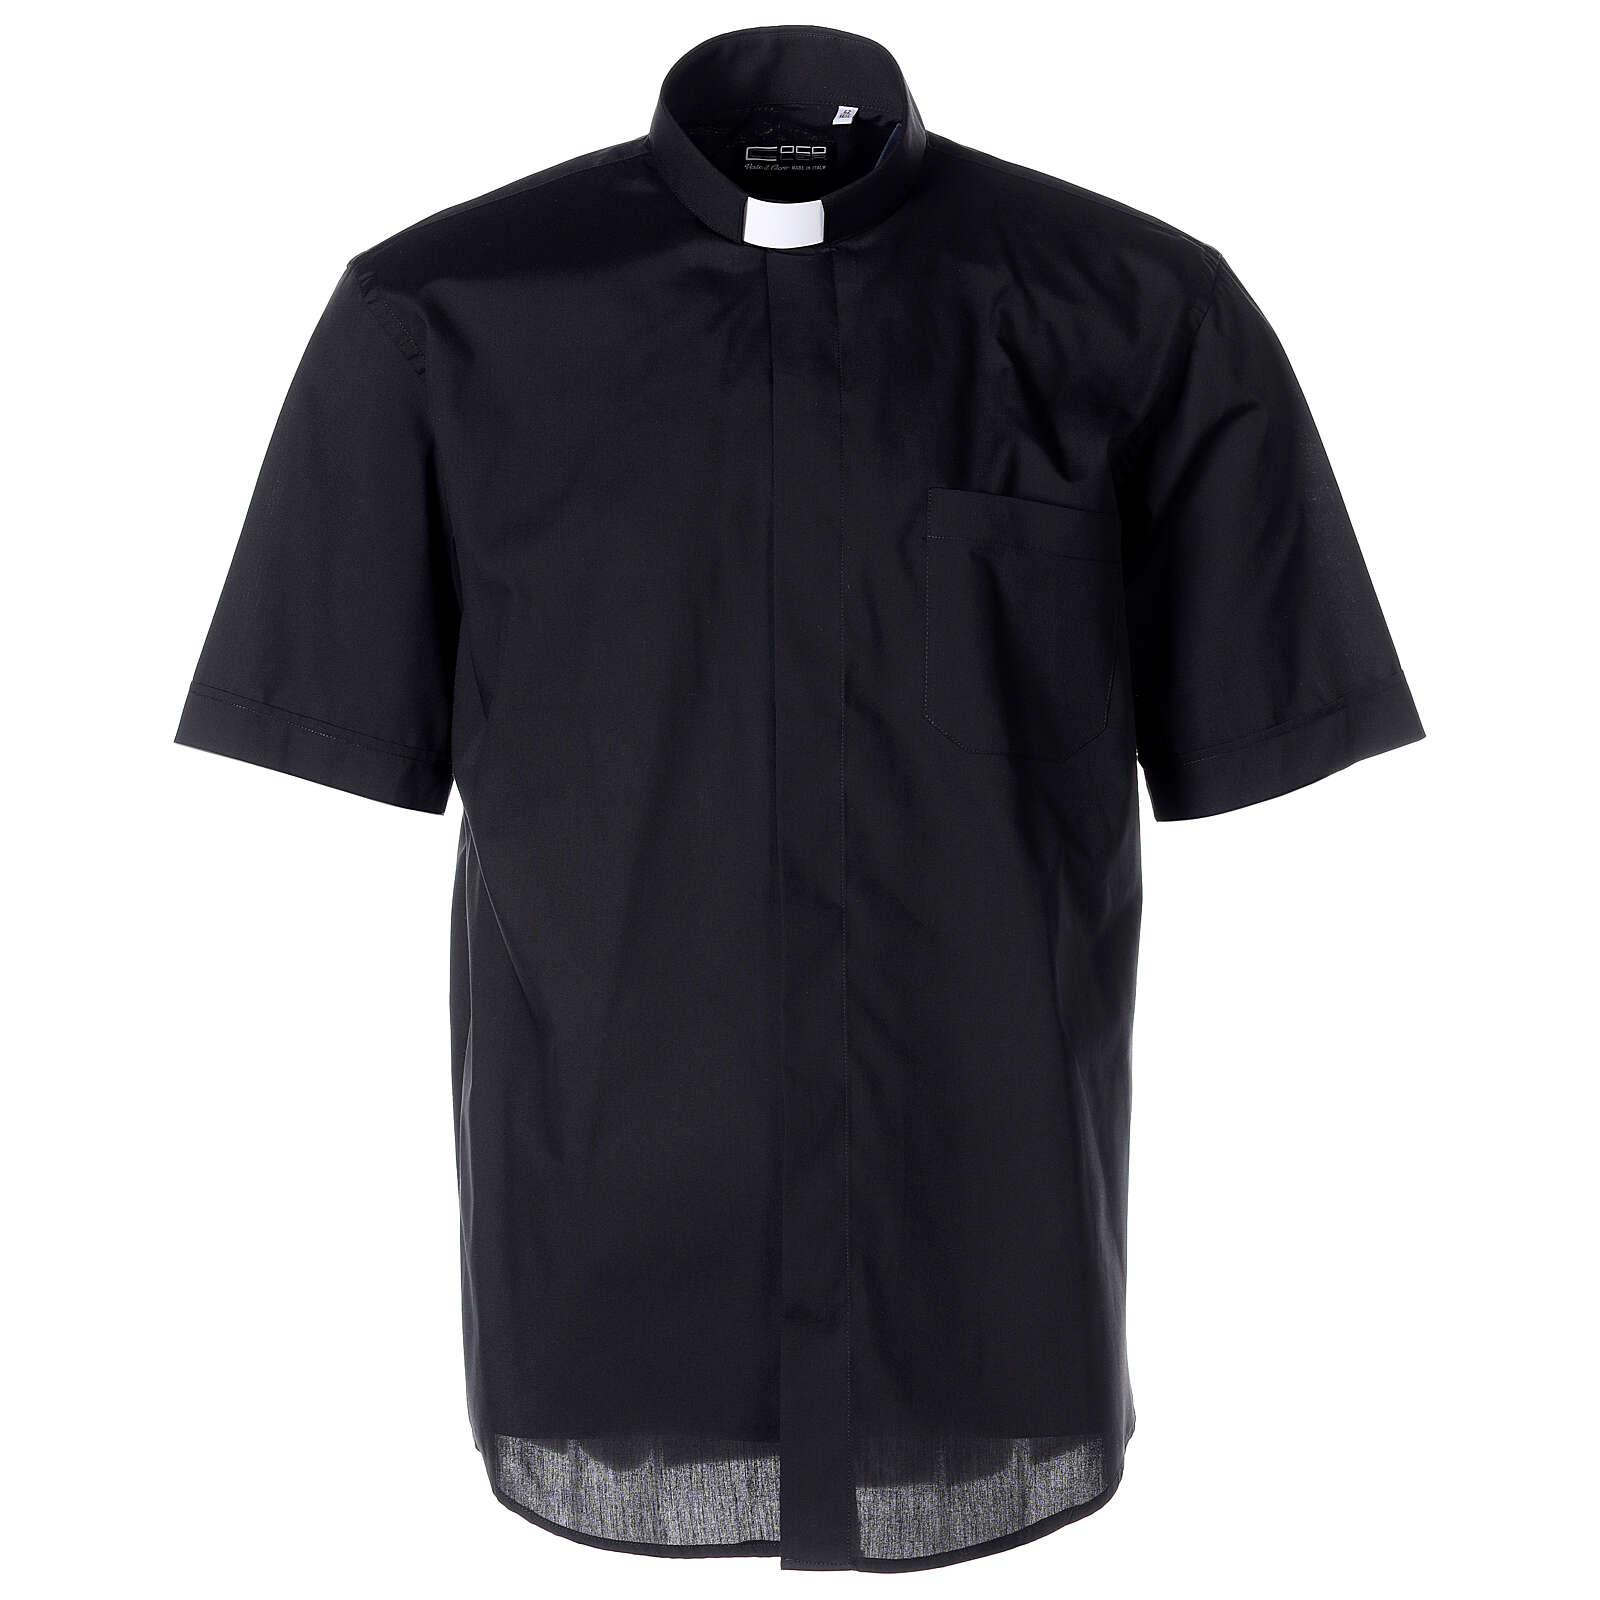 Chemise clergyman noire manches courtes tissu mixte coton 4